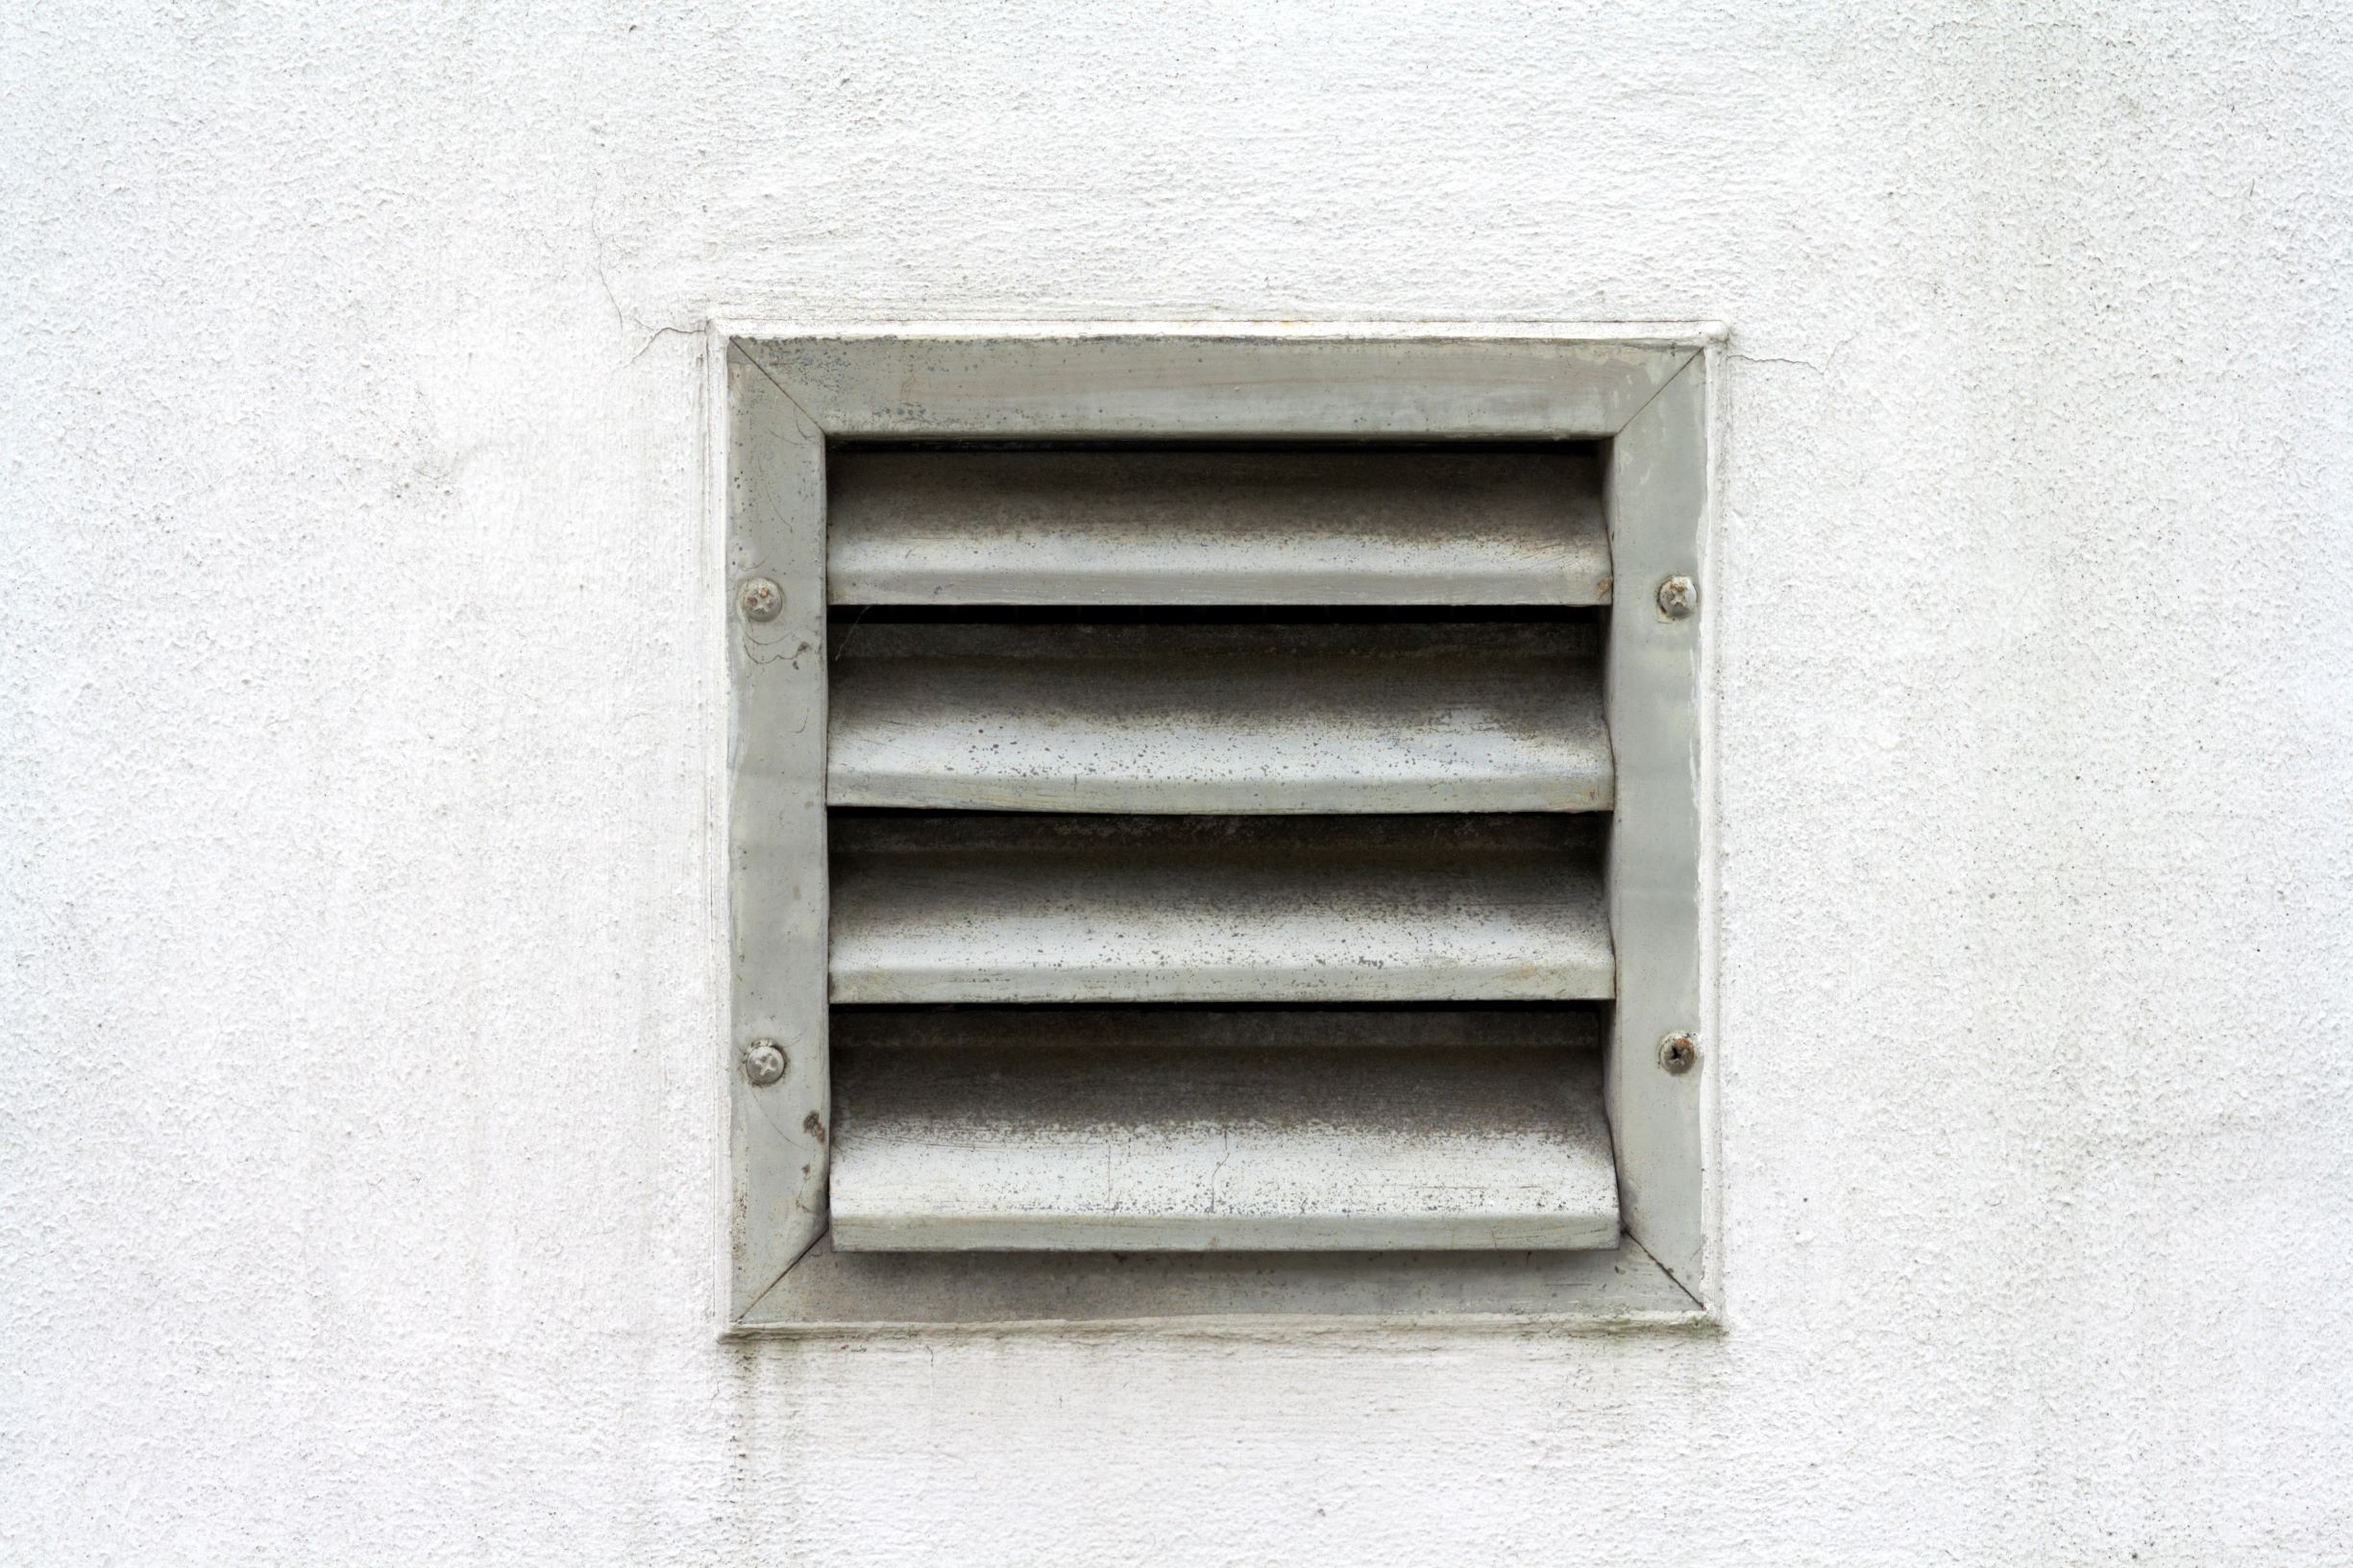 Ventilatie in huis: soorten en prijzen